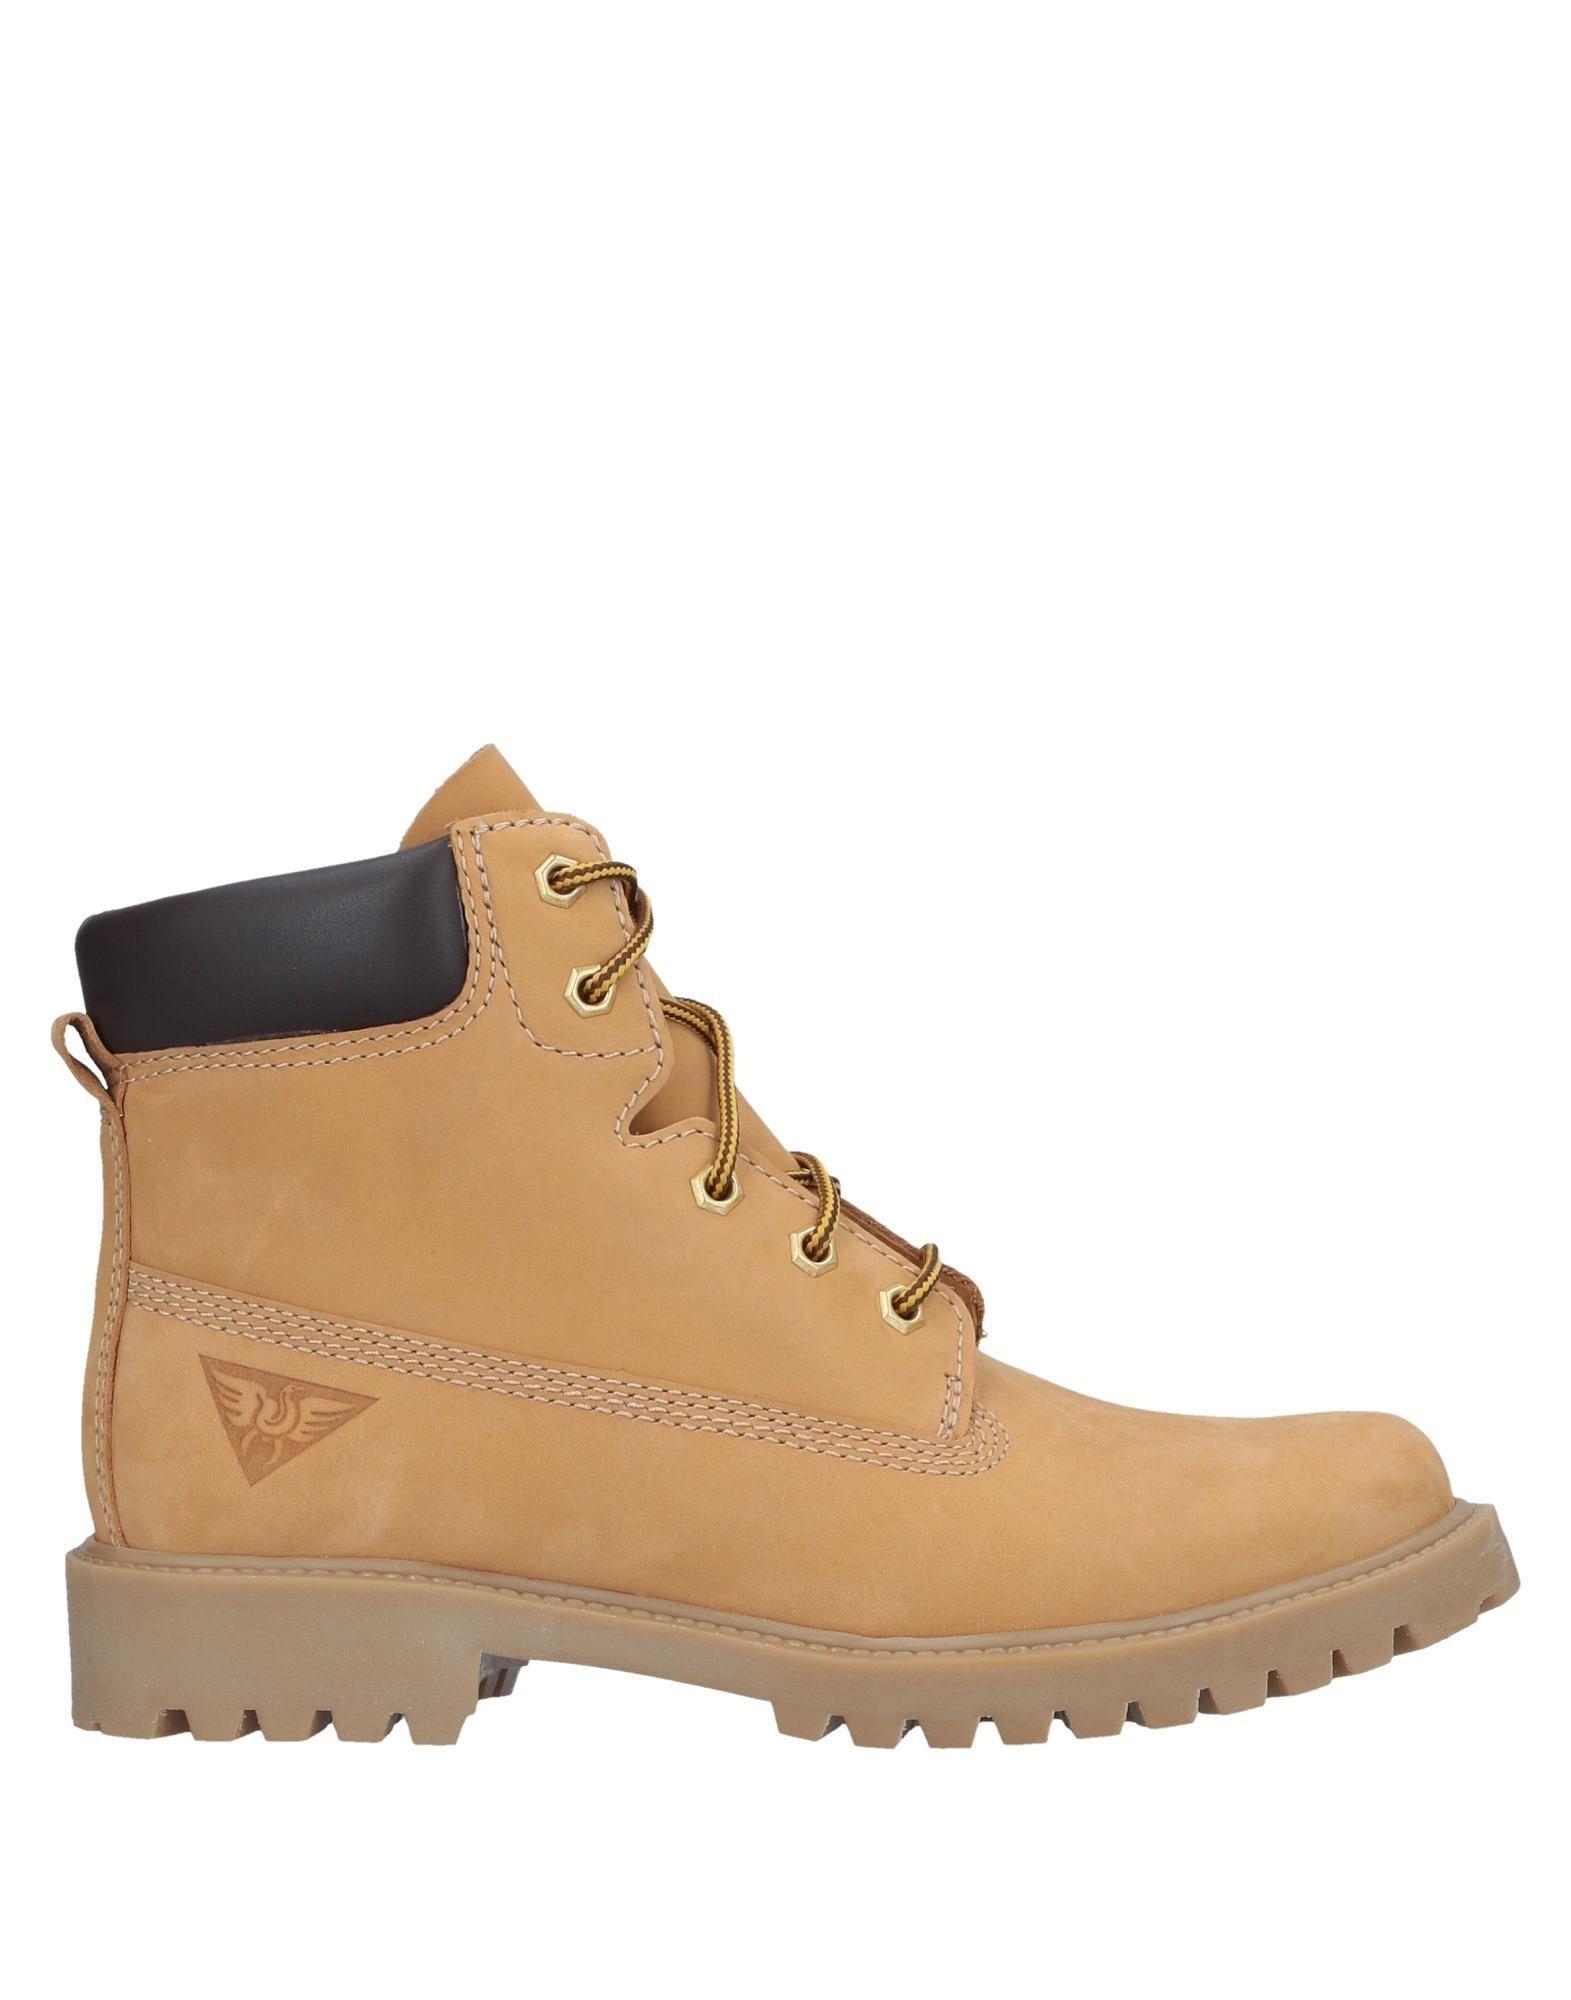 Docksteps Stiefelette Damen  11533382SL Gute Qualität beliebte Schuhe